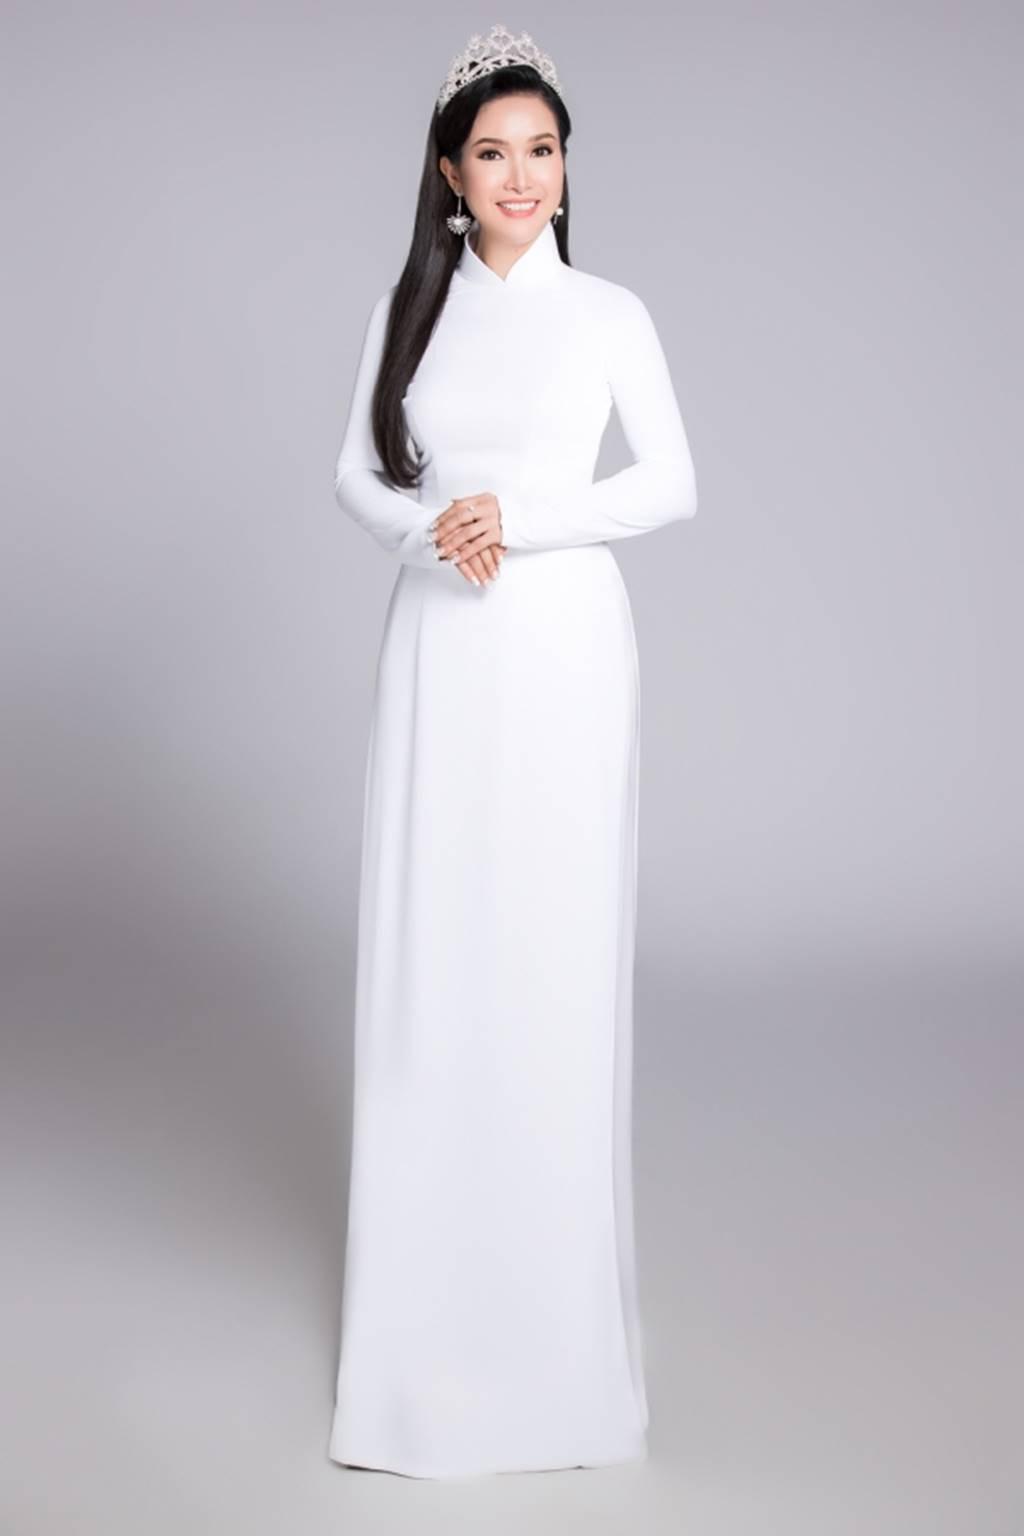 ... Hoa hậu Việt Nam đẹp tinh khôi trong áo dài trắng nữ sinh. Đây là bộ ảnh được thực hiện nhân kỷ niệm 30 năm hành trình Hoa hậu Việt Nam 1988-2018.